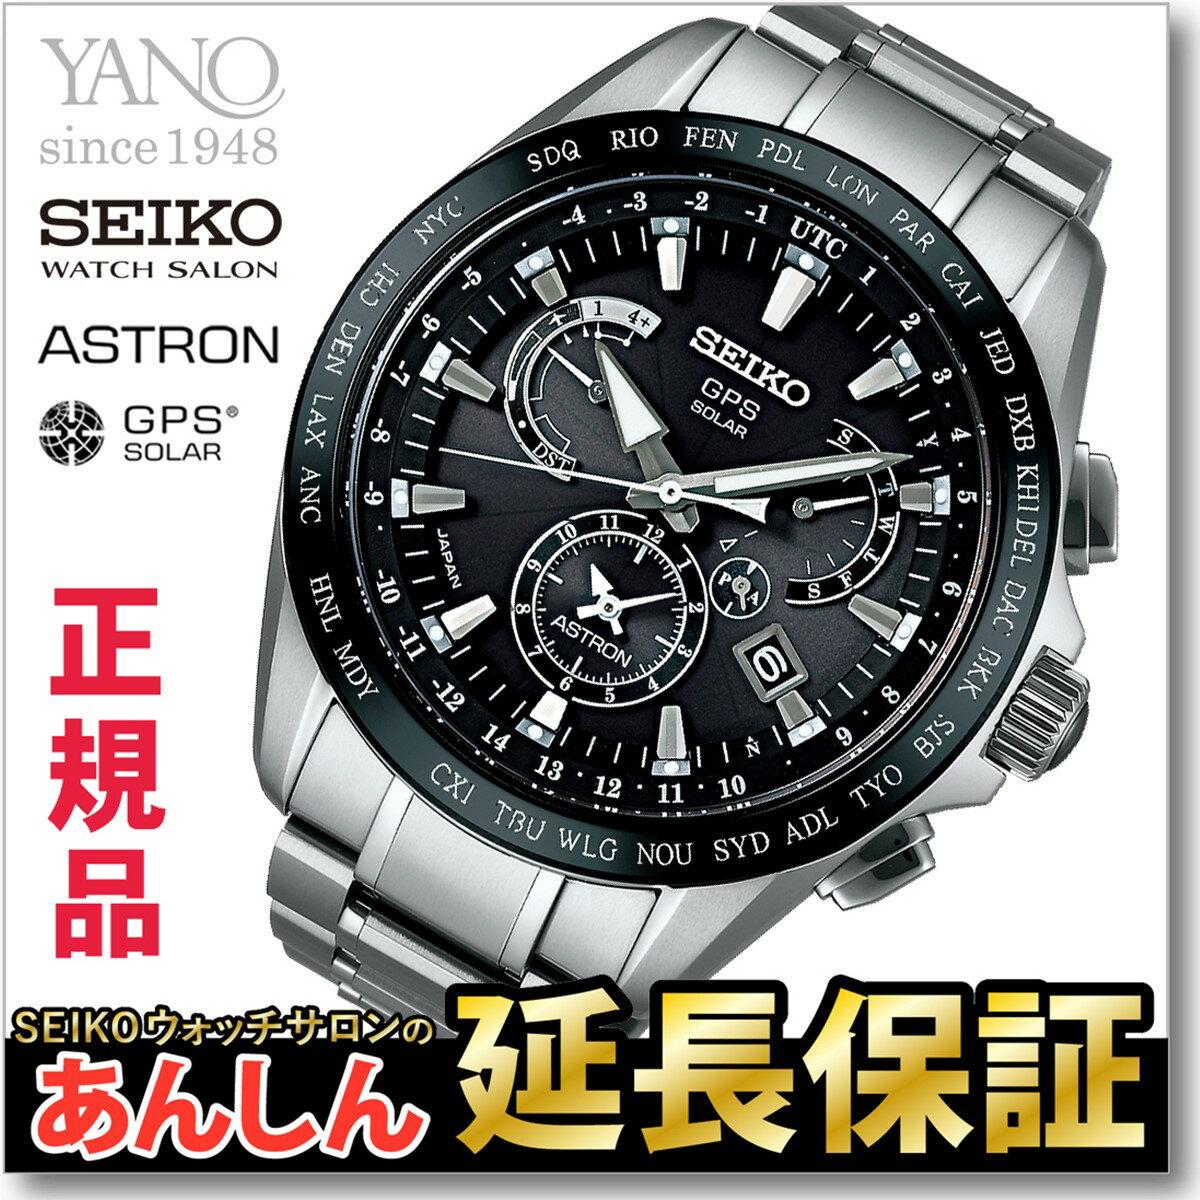 【ショッパー付き♪】【SEIKO ASTRON】セイコー アストロン SBXB045 GPS ソーラー 衛星電波時計 メンズ 腕時計 デュアルタイム【正規品】【サイズ調整無料】_10spl【店頭受取対応商品】